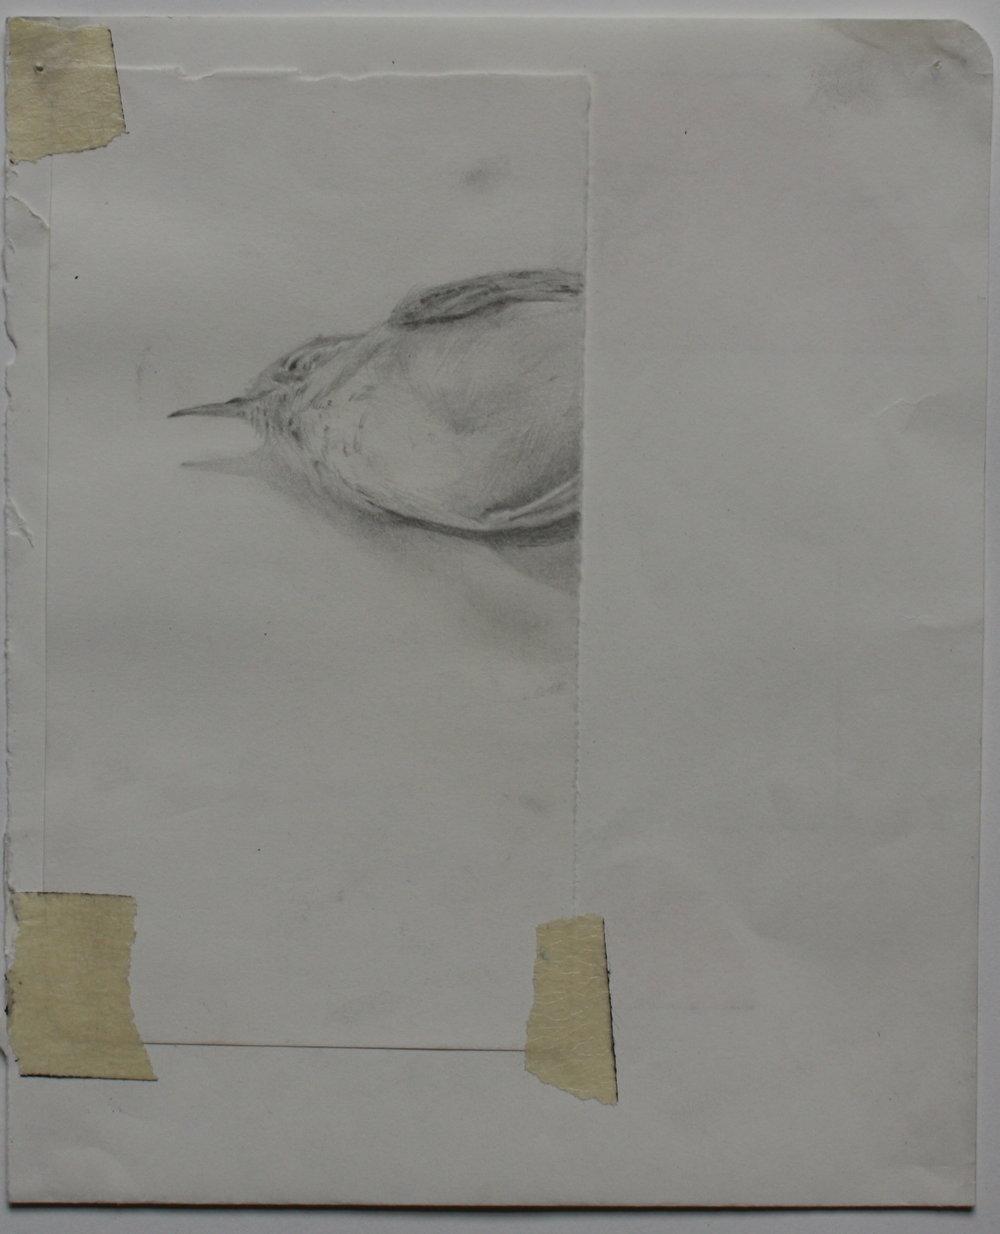 Bird. Pencil on paper 5''x6'' JPG.JPG